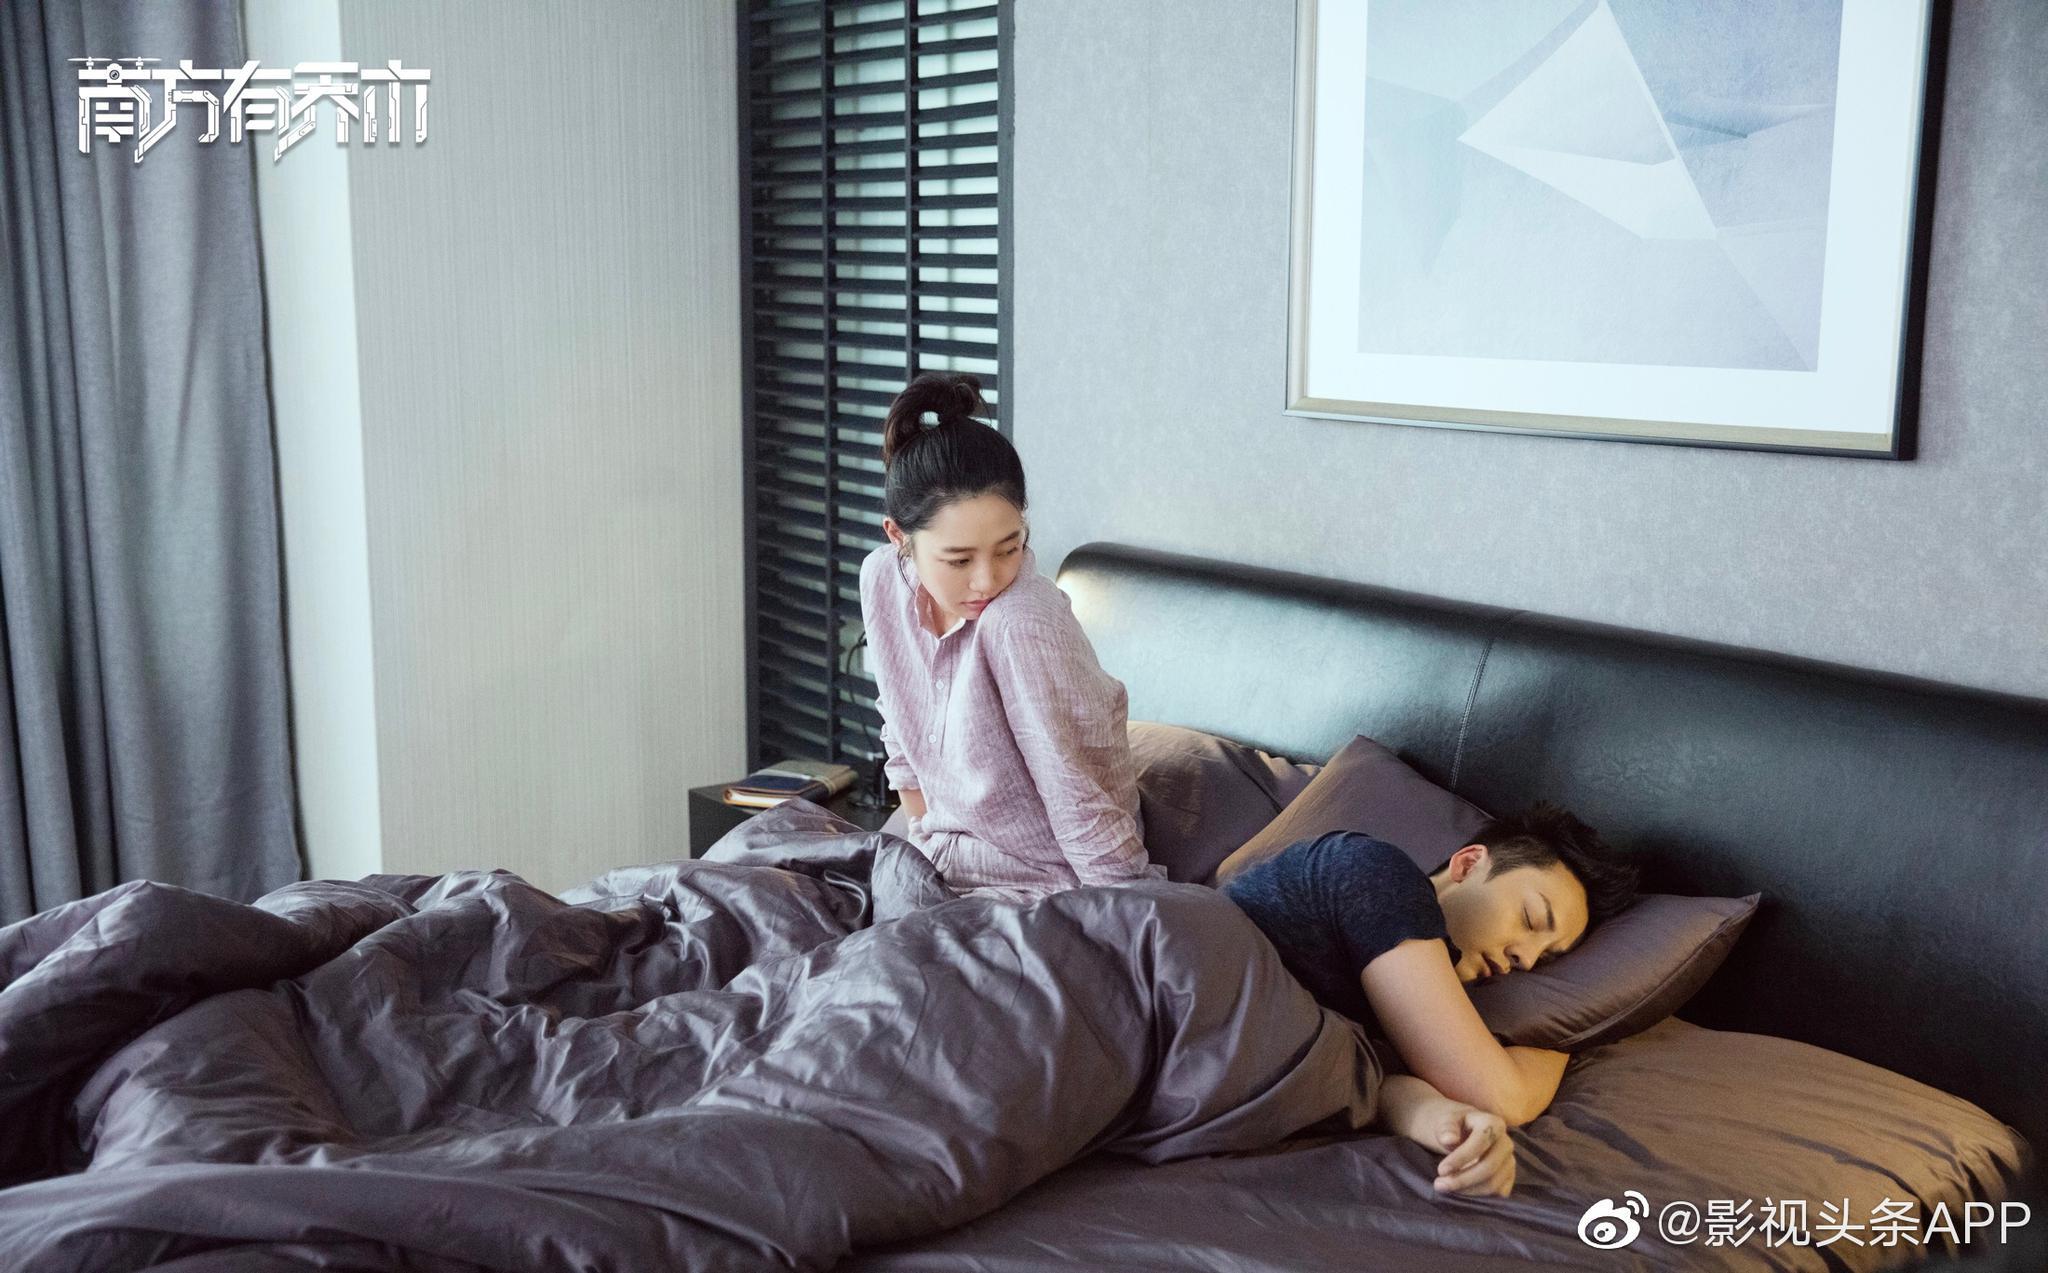 由林妍执导,乔冰清、张爱敏、李文婷编剧